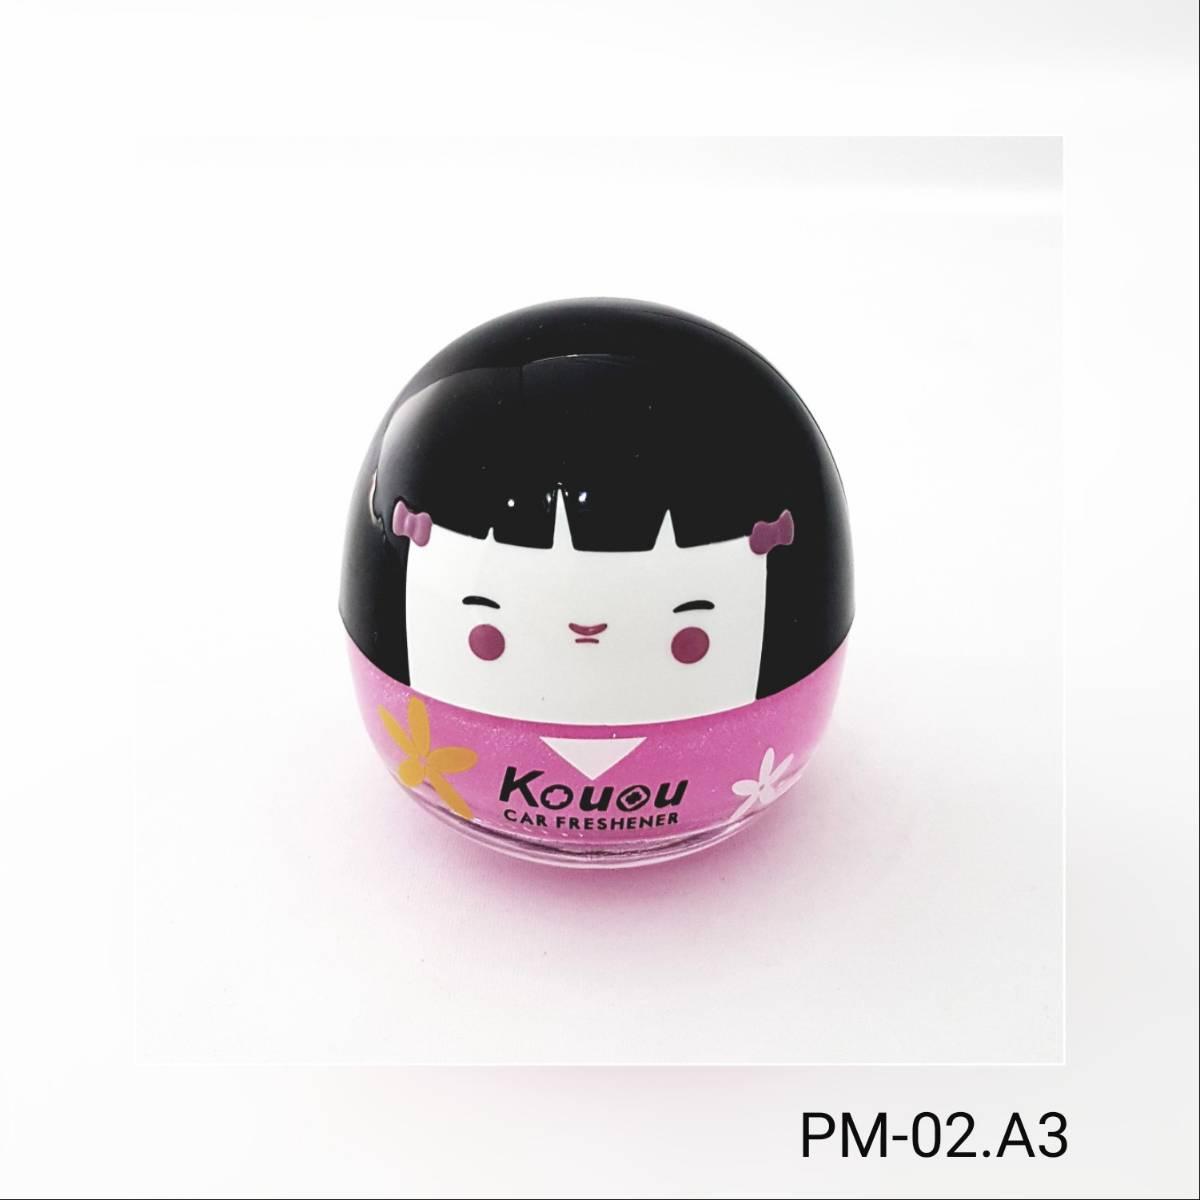 Parfum Mobil Boneka Jepang Kouou Pm-002/a3